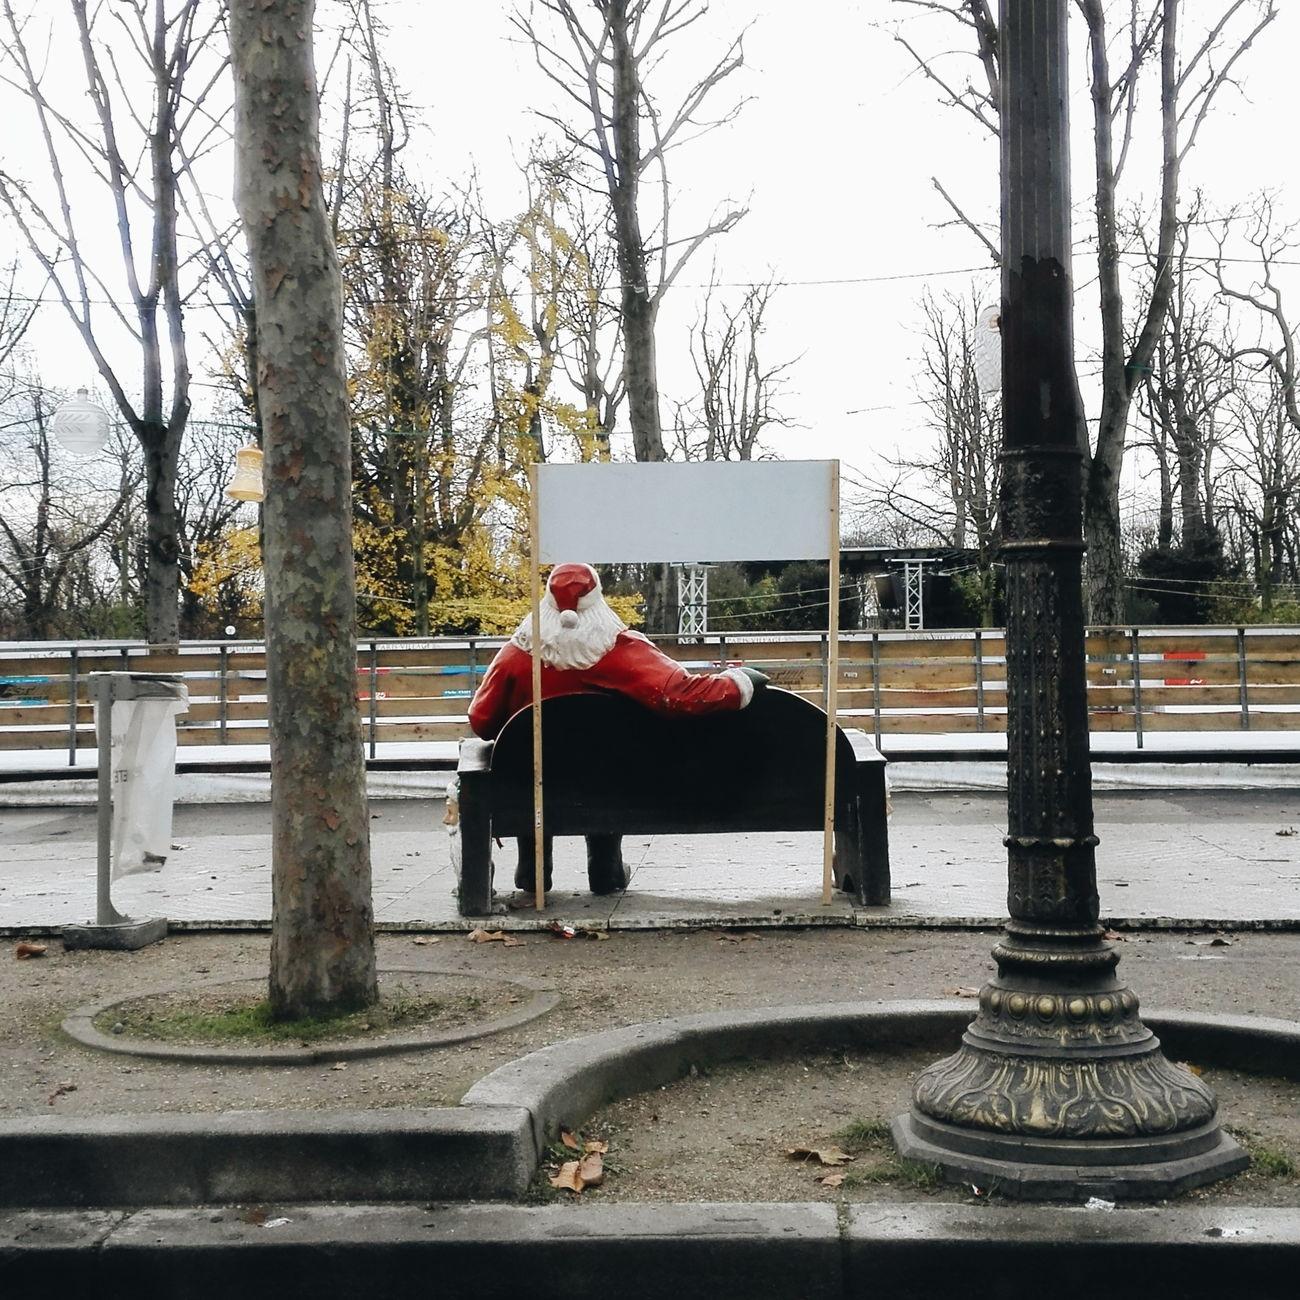 Père Noël Christmas Relaxing Tranquille avant la tempete